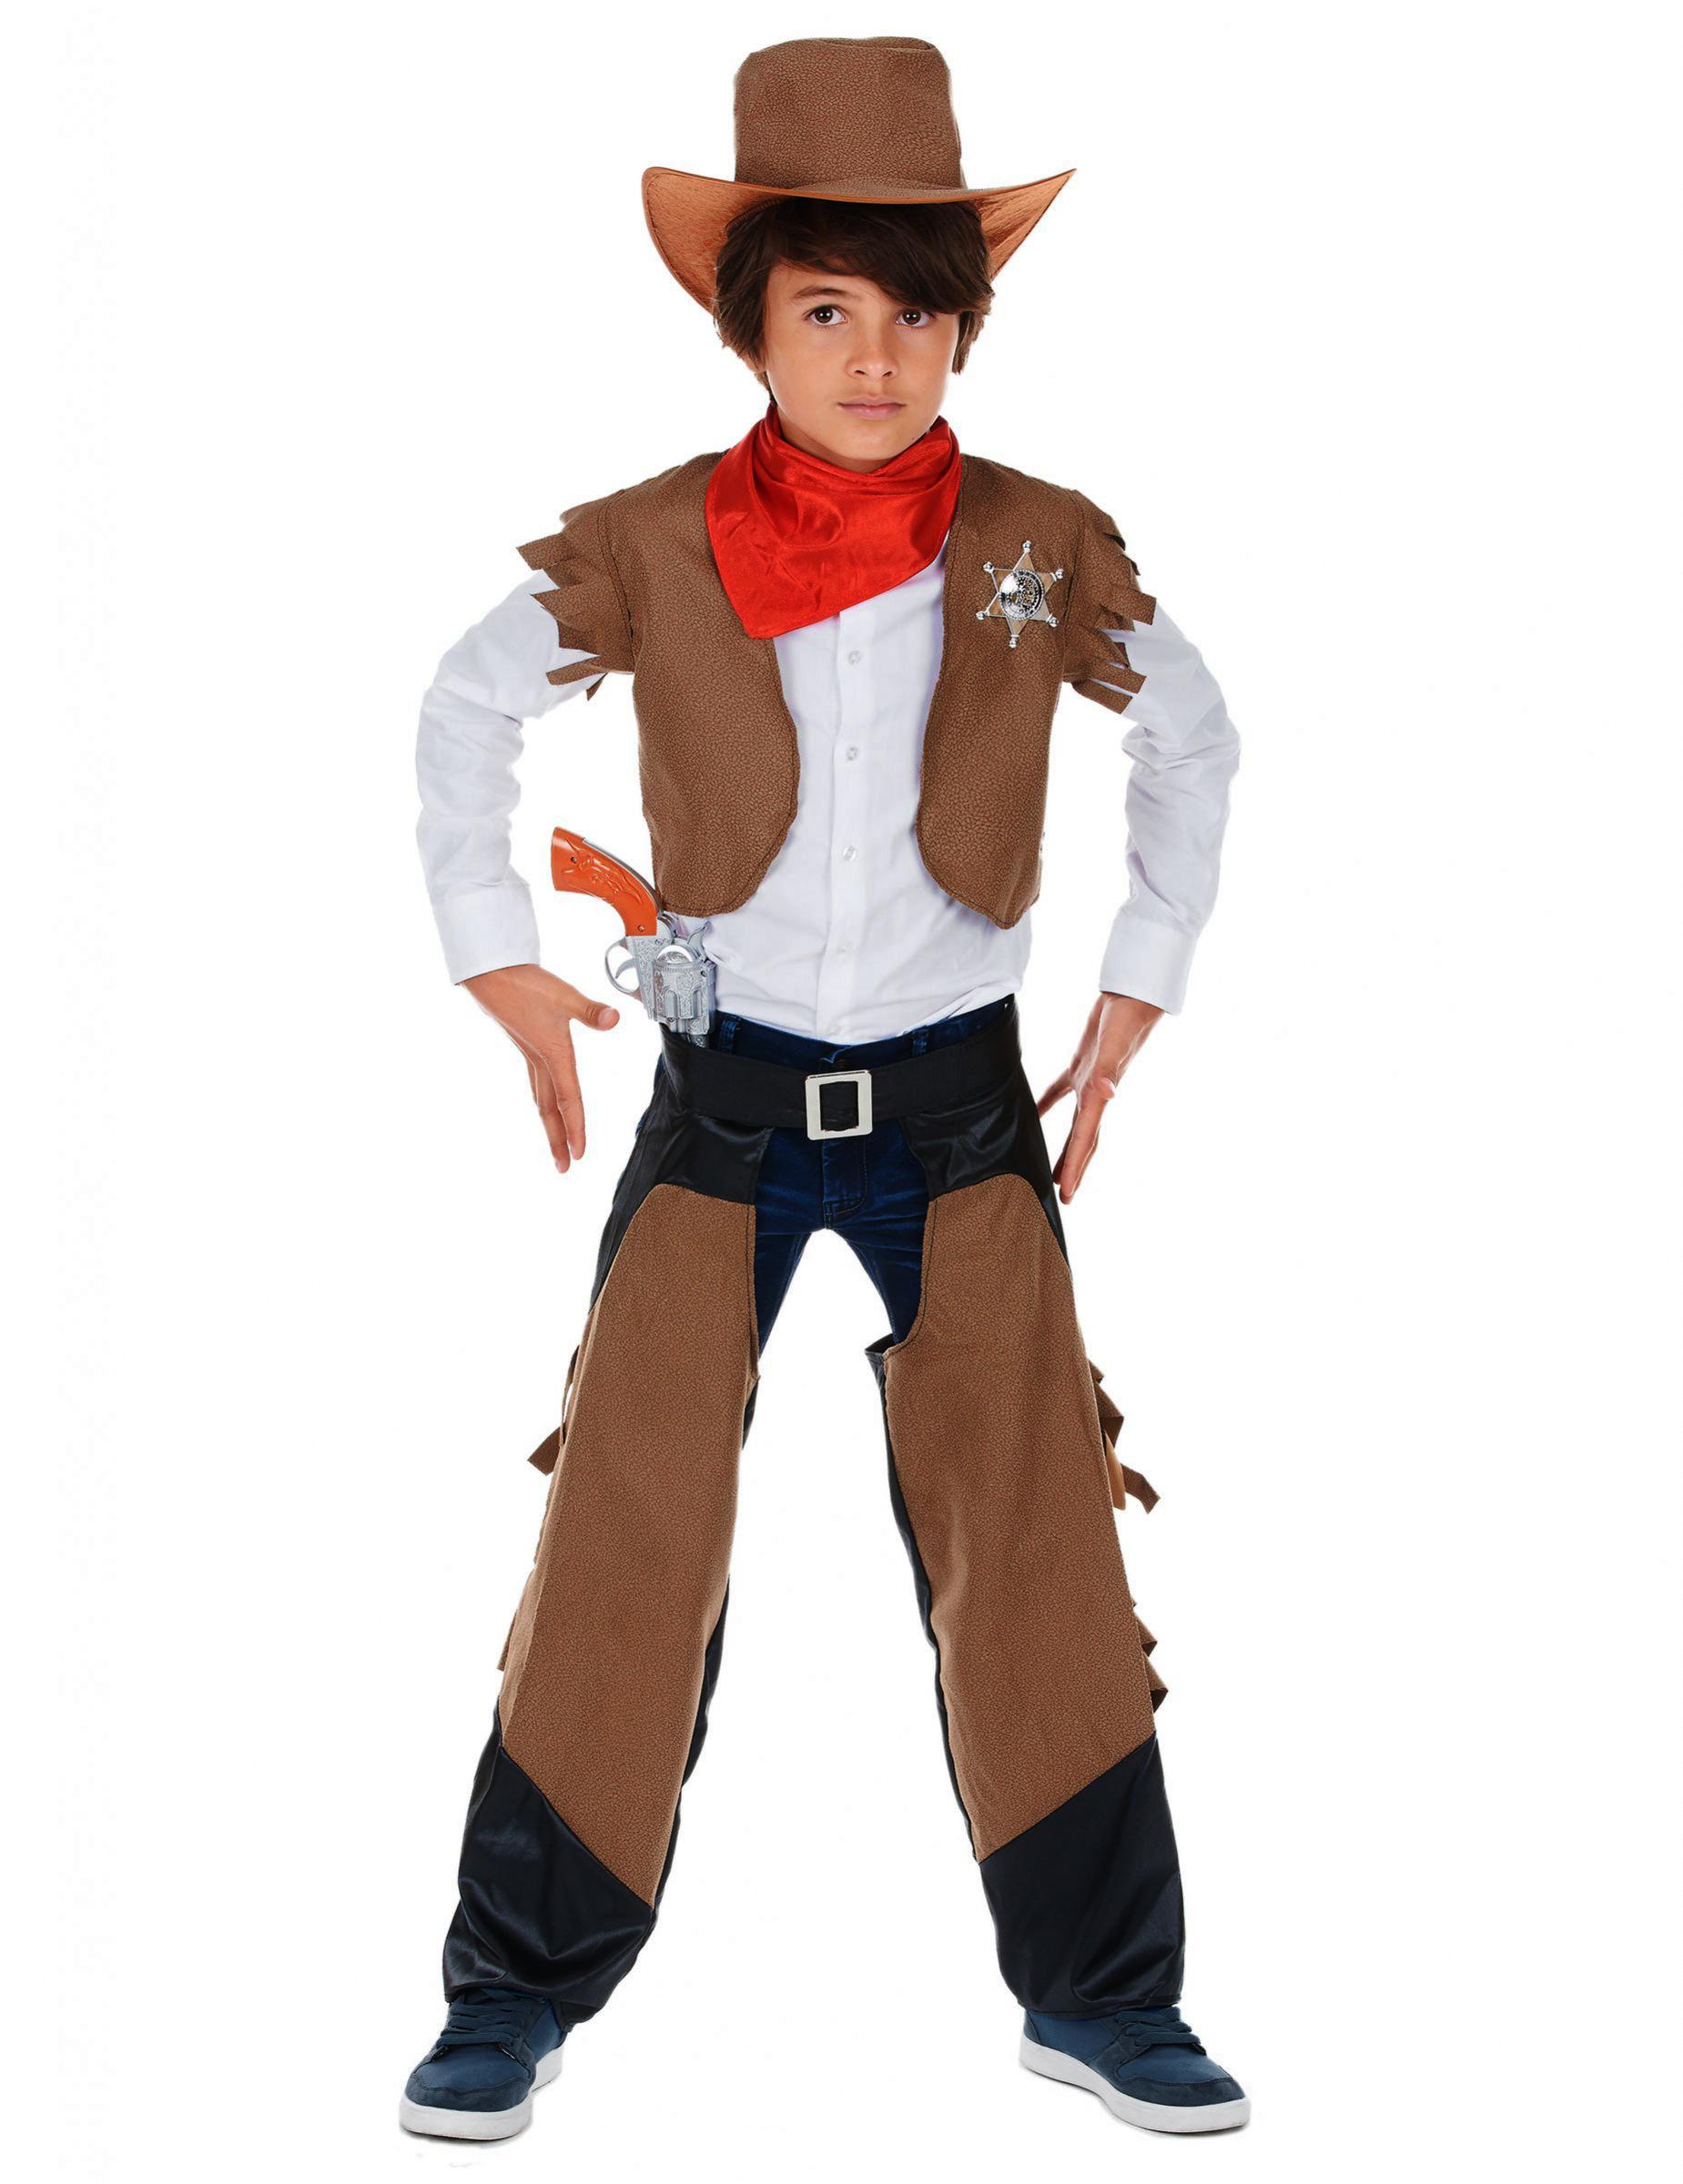 Cowboy Kinder Kostum Braun Schwarz Gunstige Faschings Kostume Bei